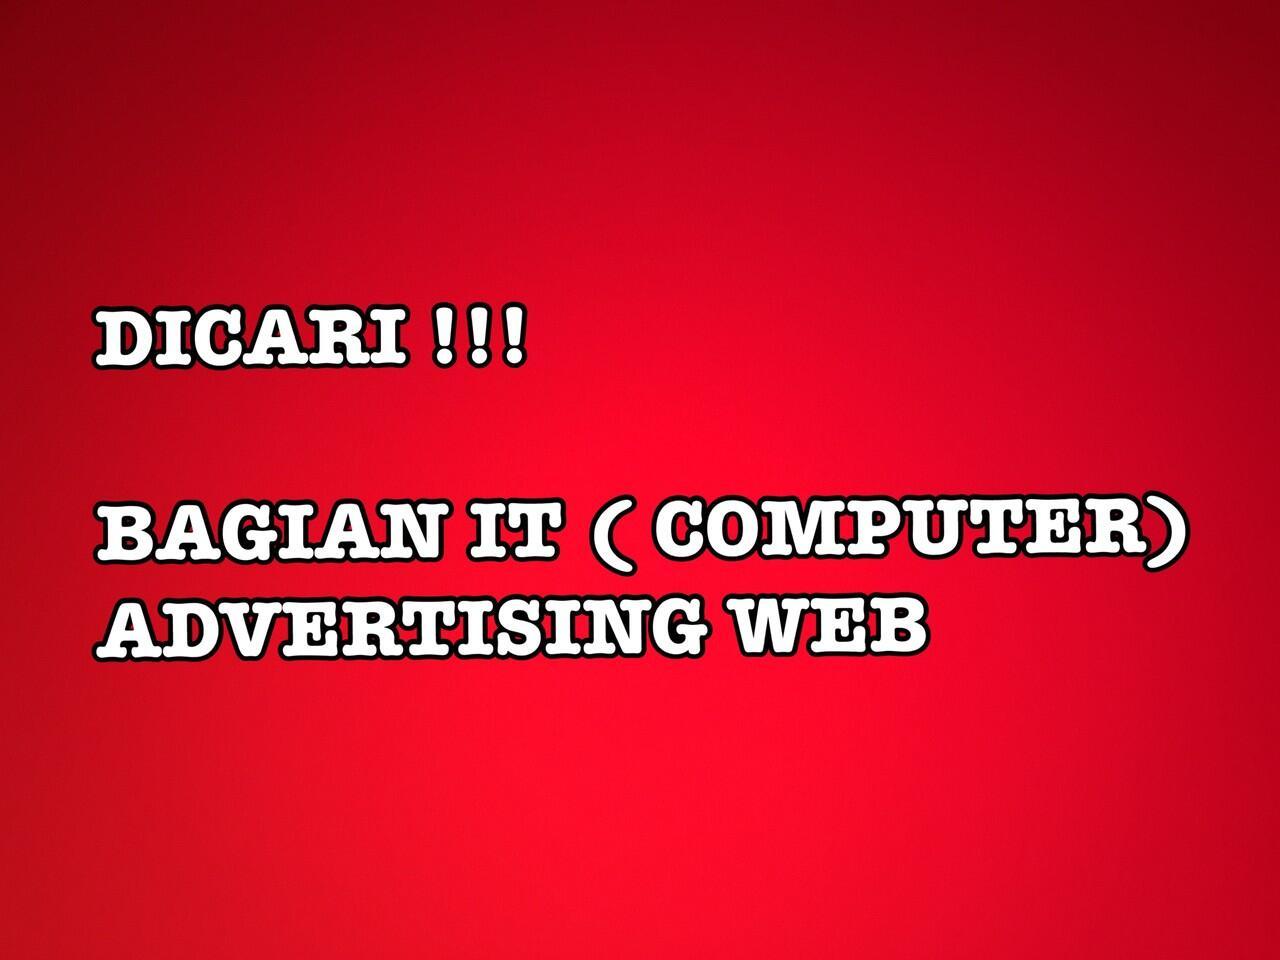 Lowongan bagian IT ADVERTISEMENT online